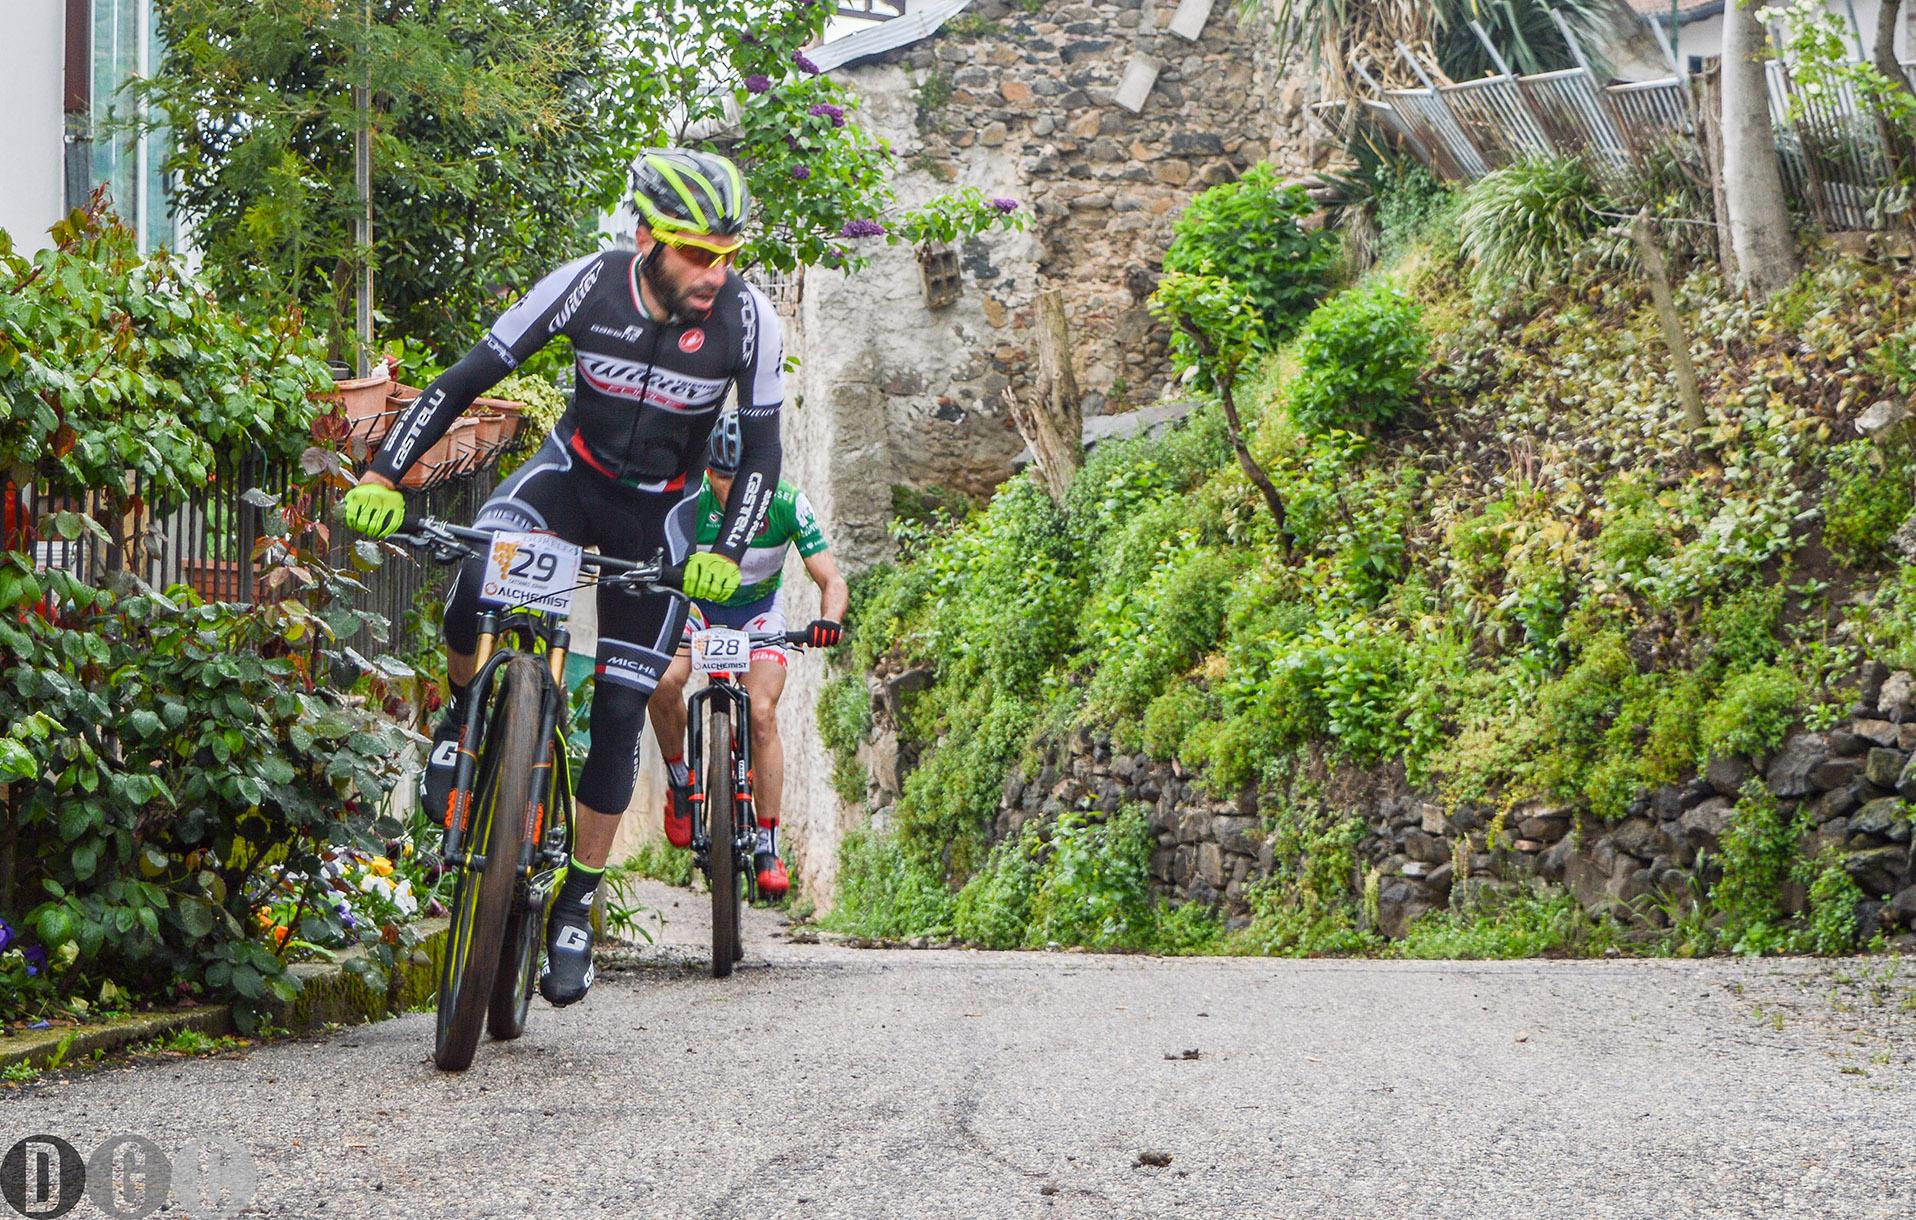 Granfondo-del-durello-2016- percorso di gara